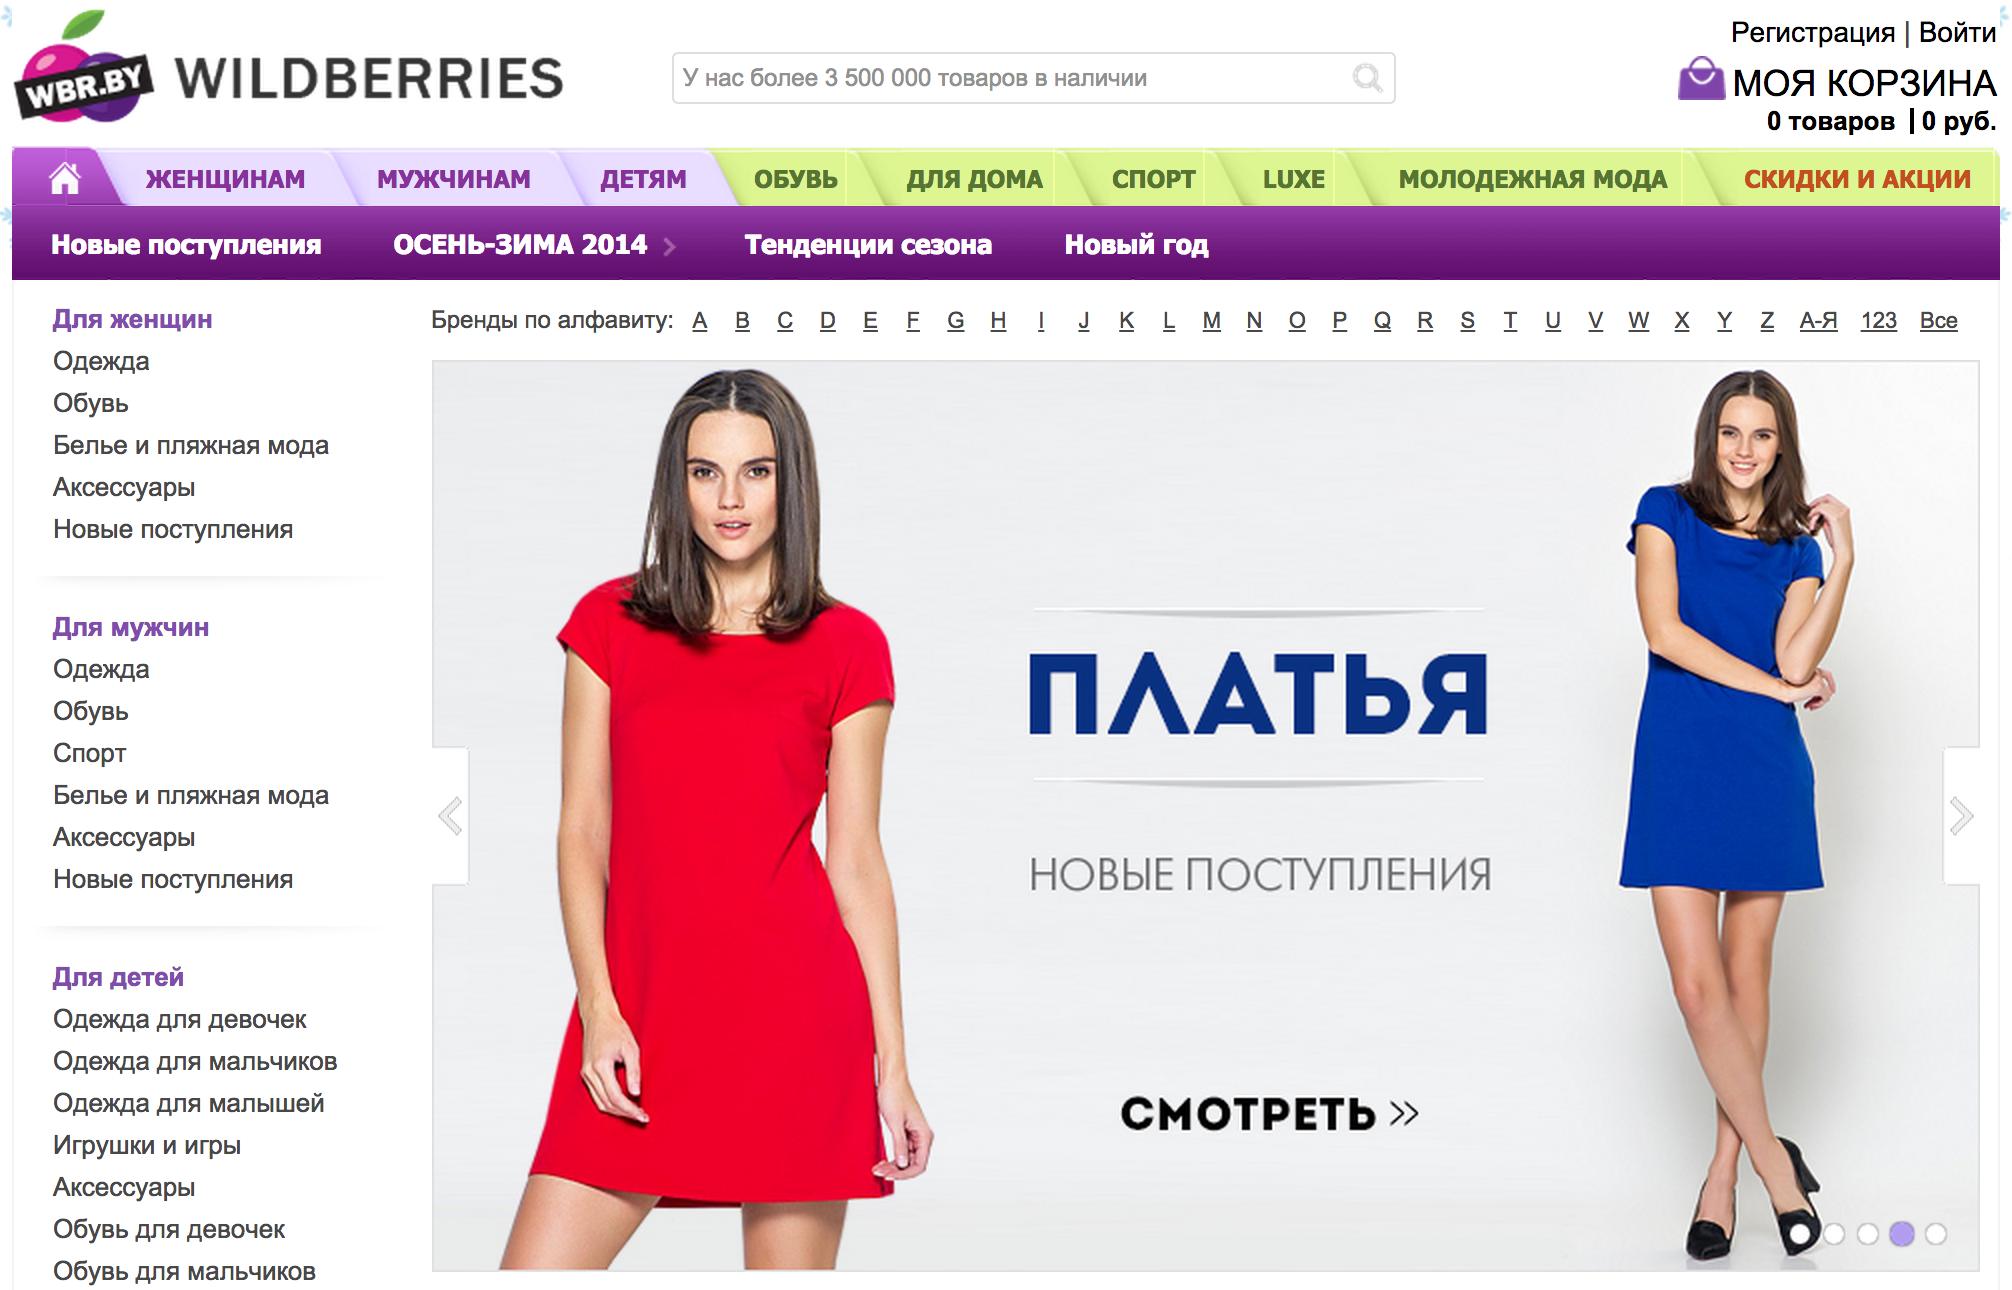 Промокоды вайлдберриз интернет магазин